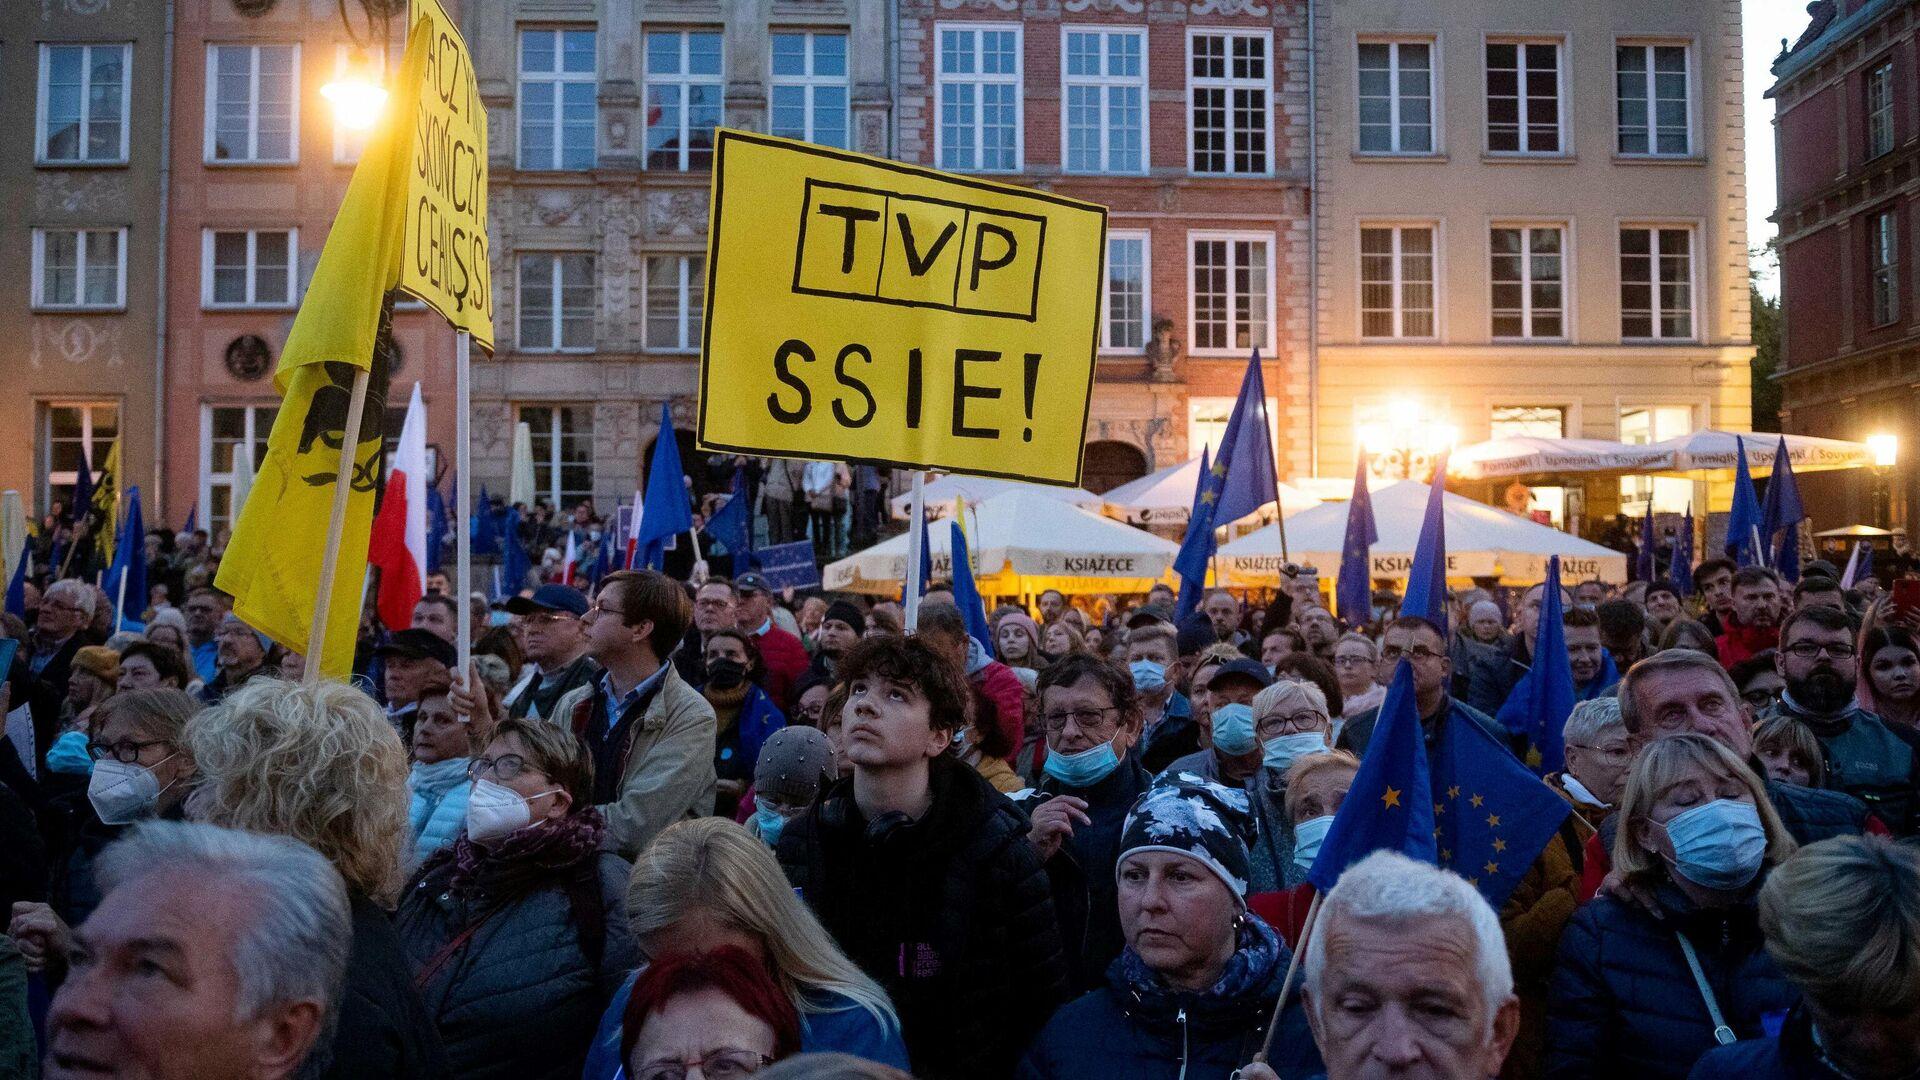 Tausende Menschen in Polen demonstrieren gegen ein umstrittenes Urteil des Verfassungsgerichts und für den Verbleib ihres Landes in der EU - SNA, 1920, 10.10.2021